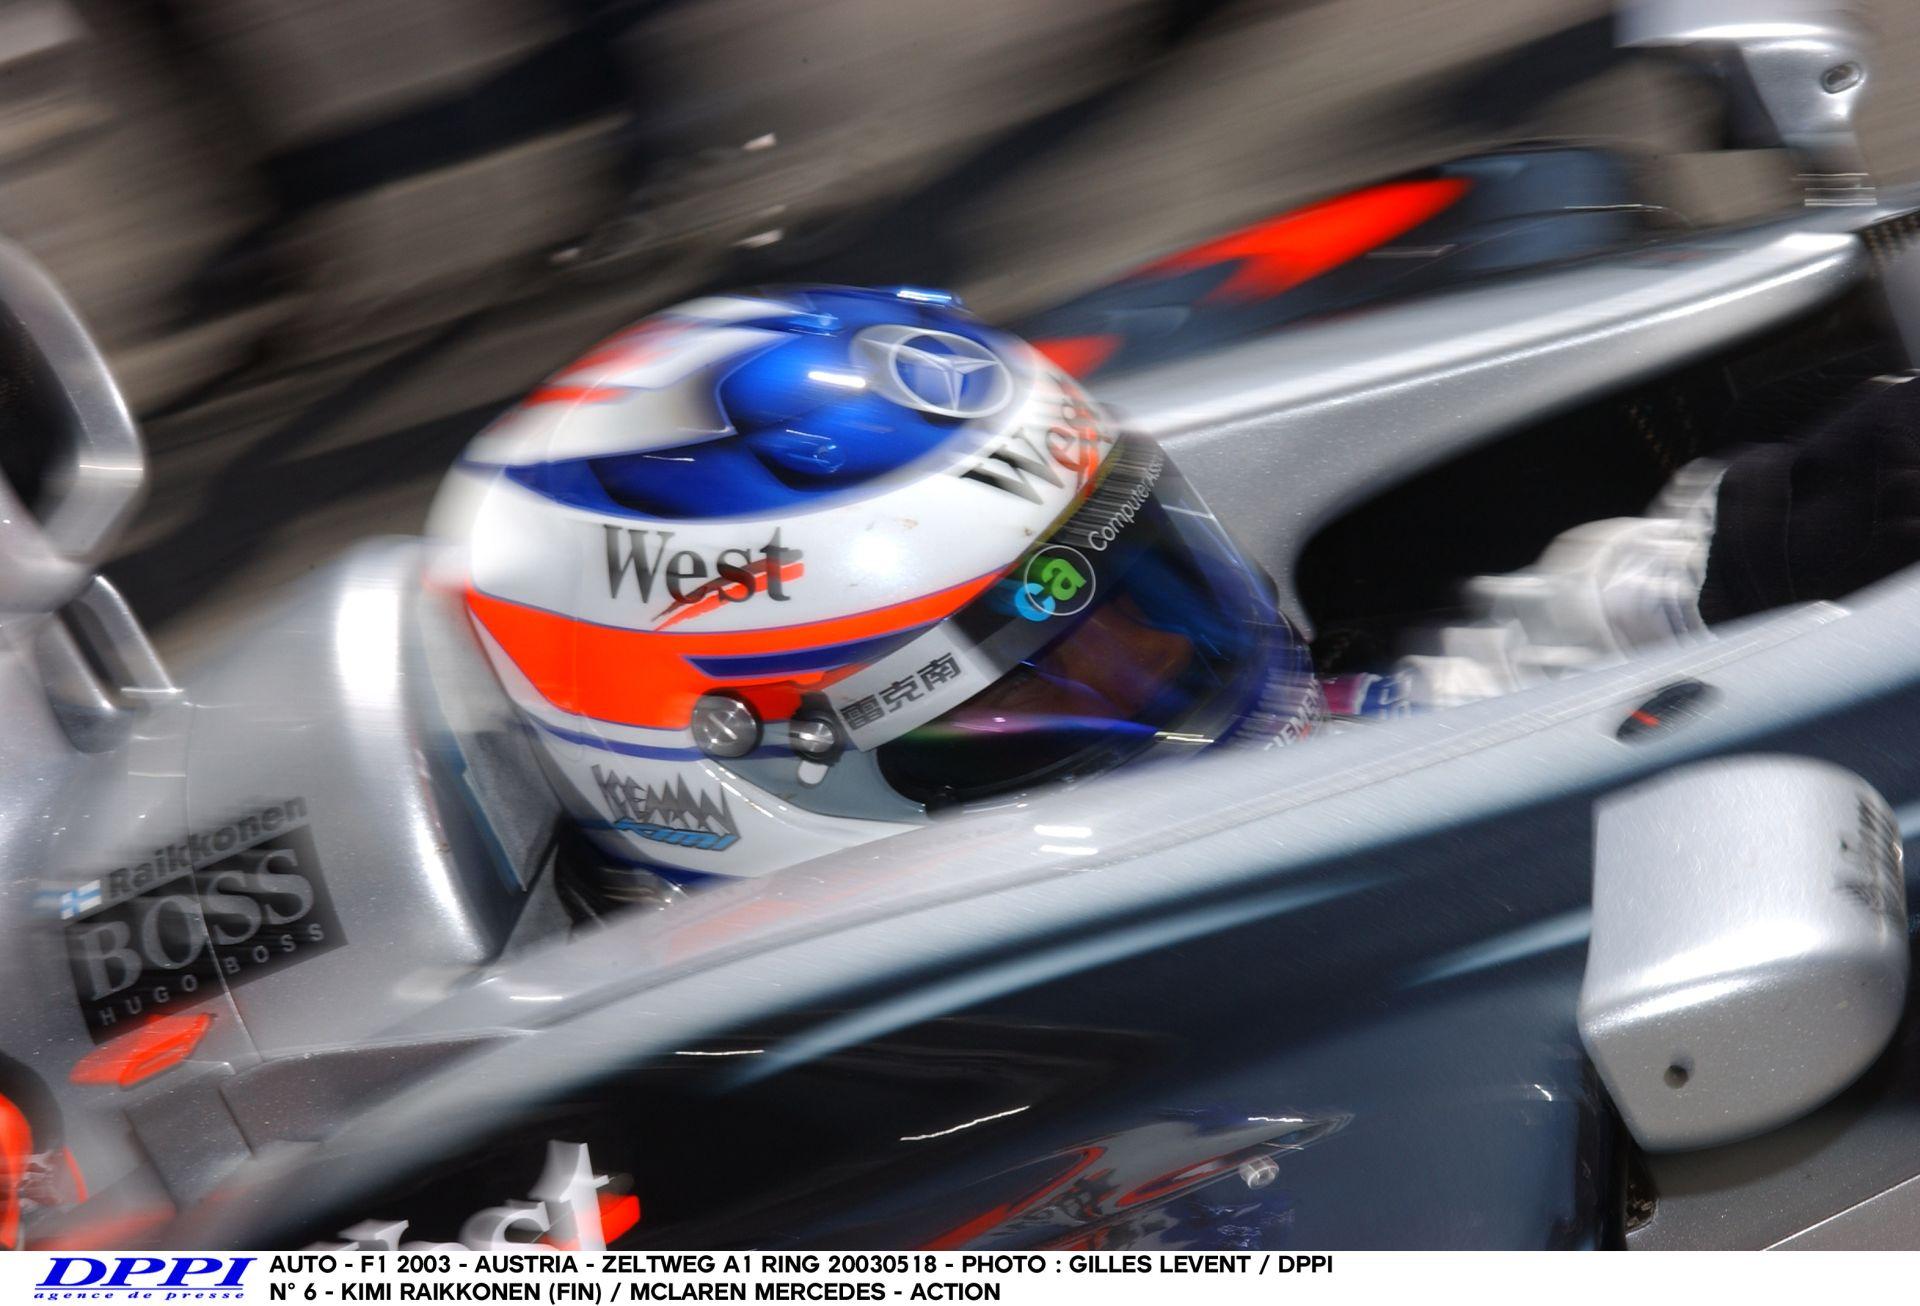 Raikkönen kihajt a bokszból a McLarennel és odalép a gépnek: A1-Ring